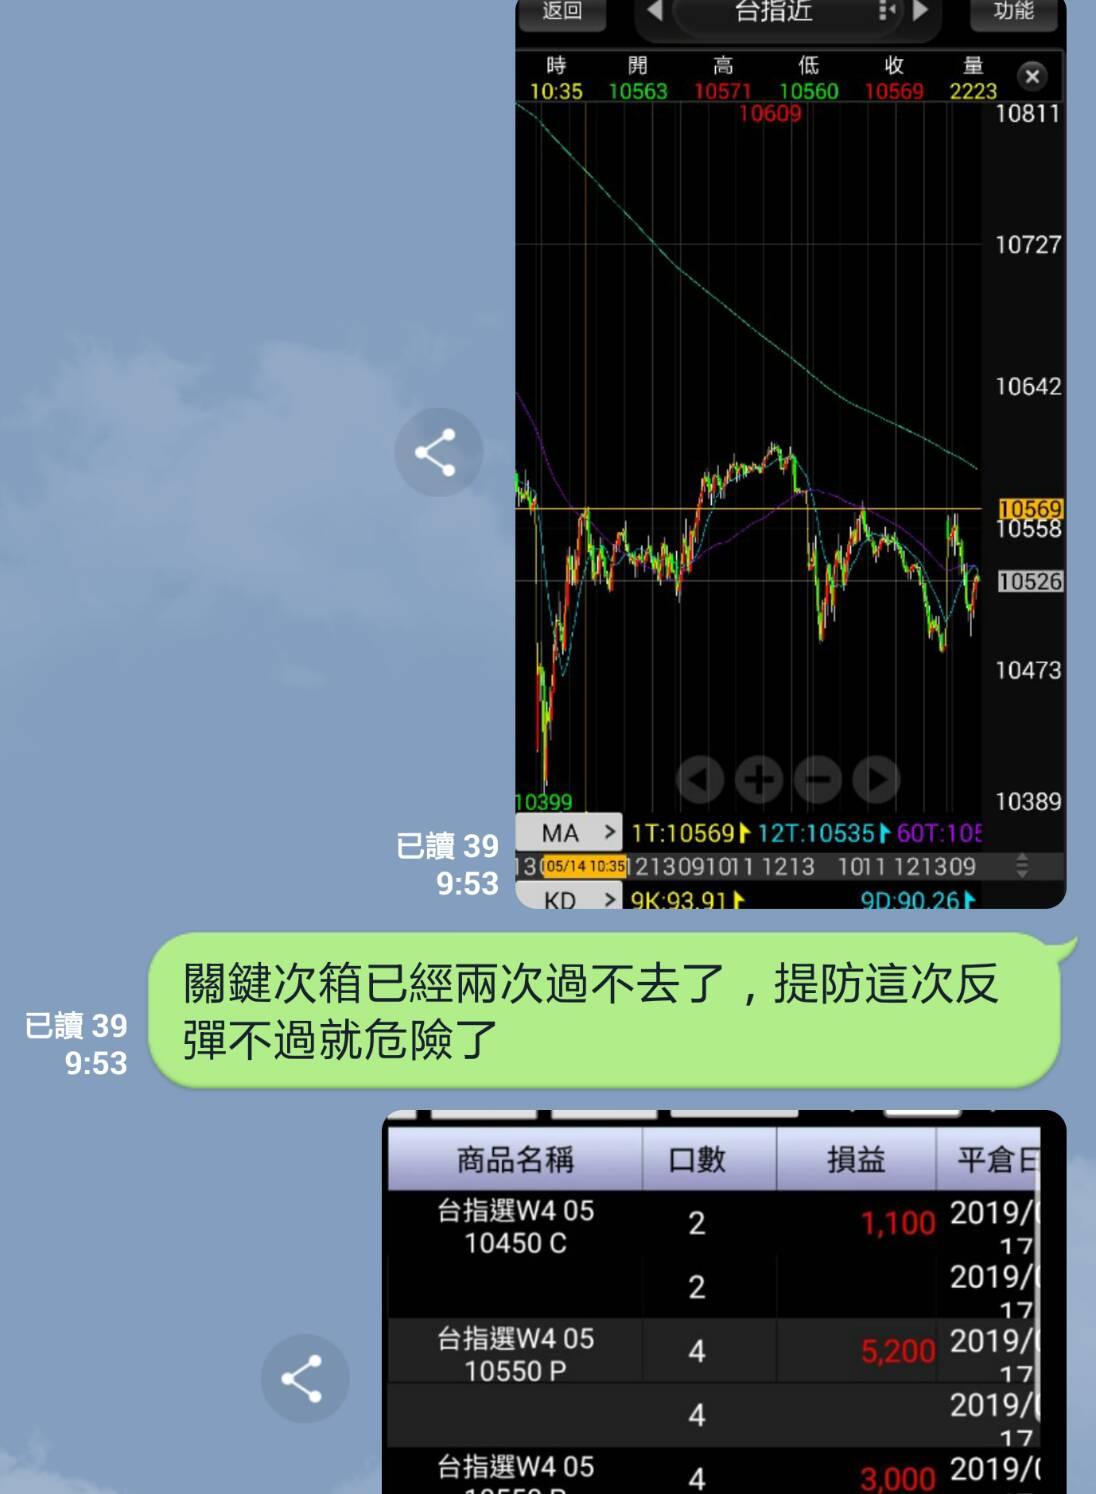 用箱波均生死簿判6月大行情_12